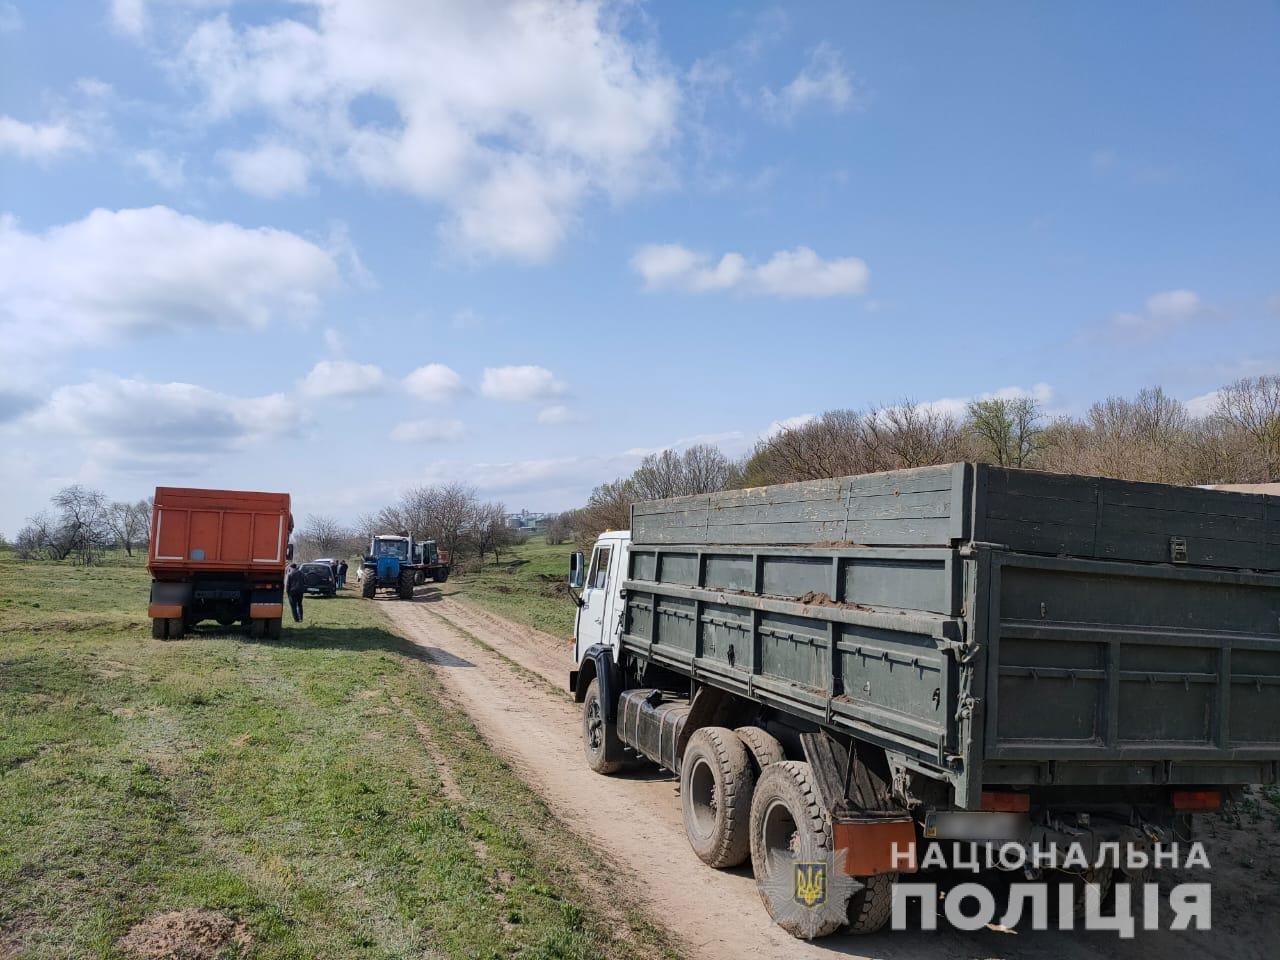 В Одесской области предприятие незаконно добывало чернозем, - ФОТО, фото-1